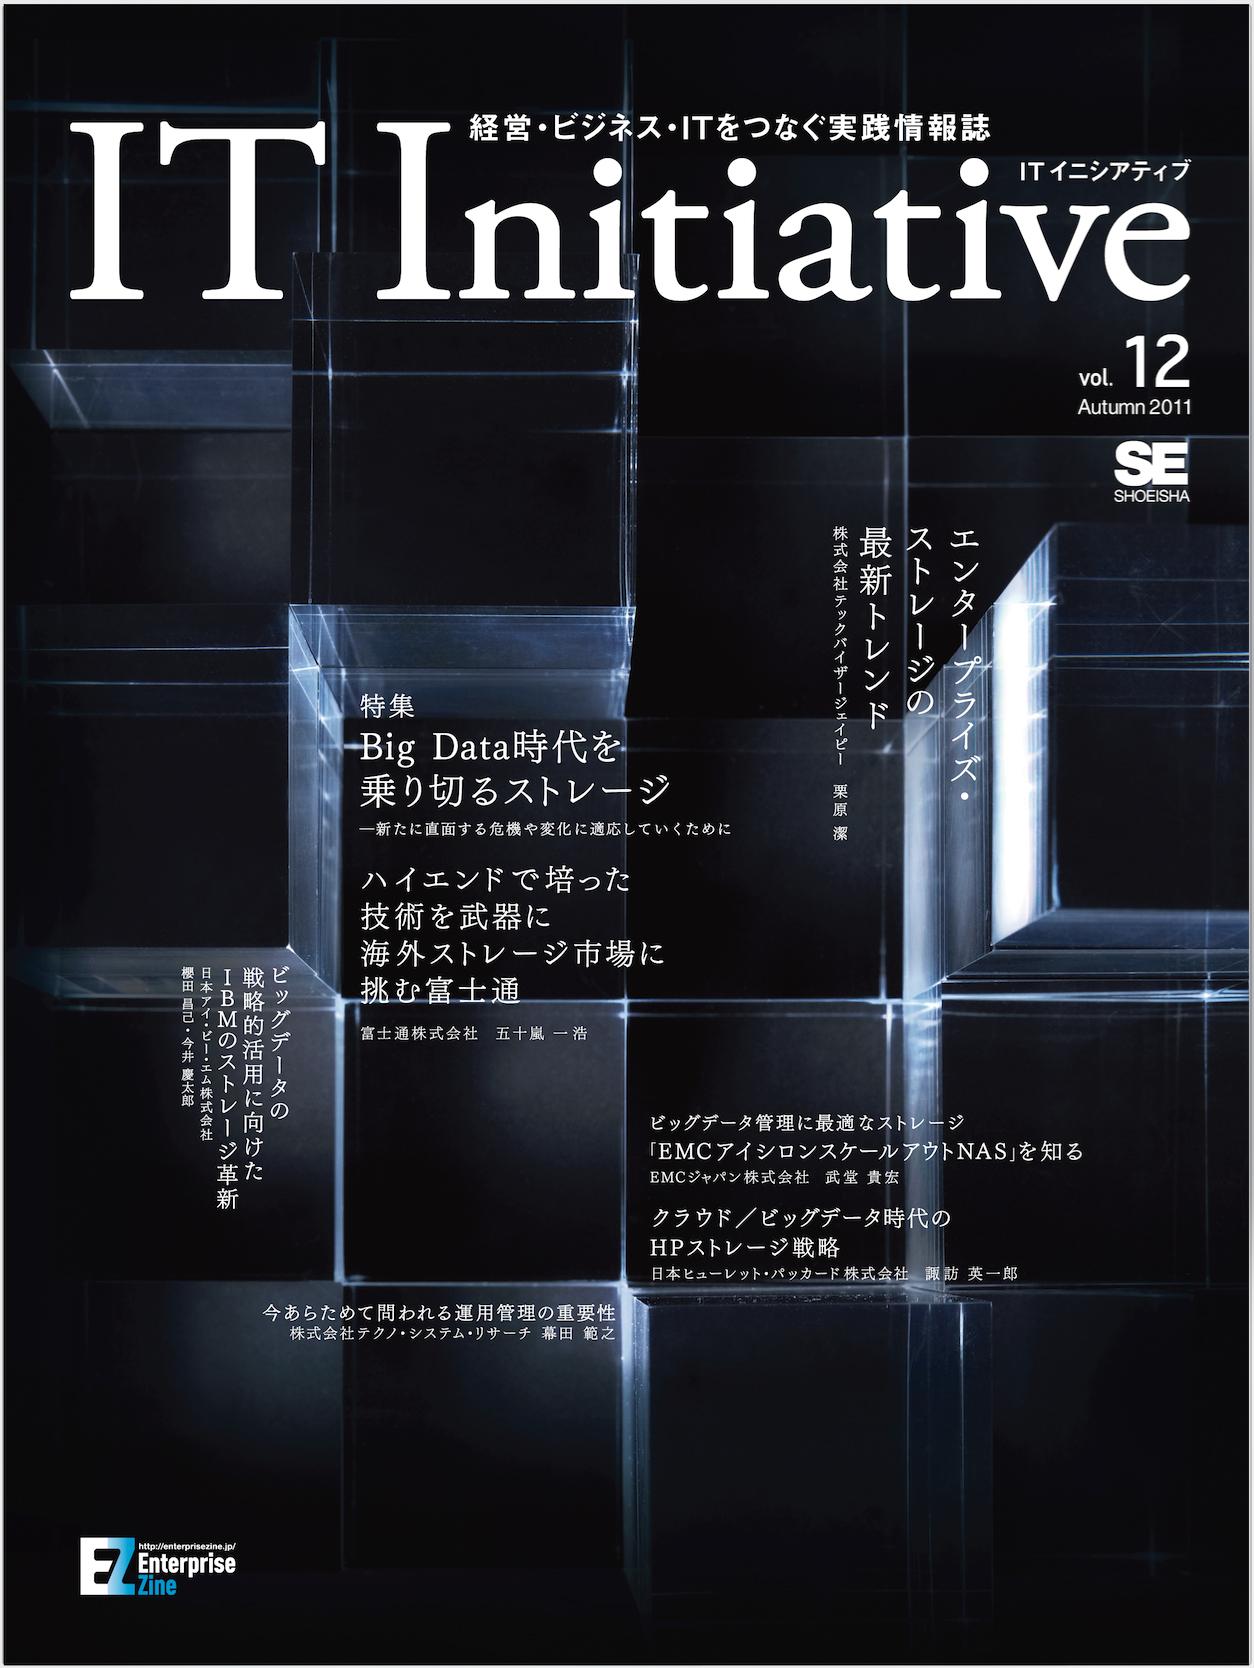 IT initiative_vol12